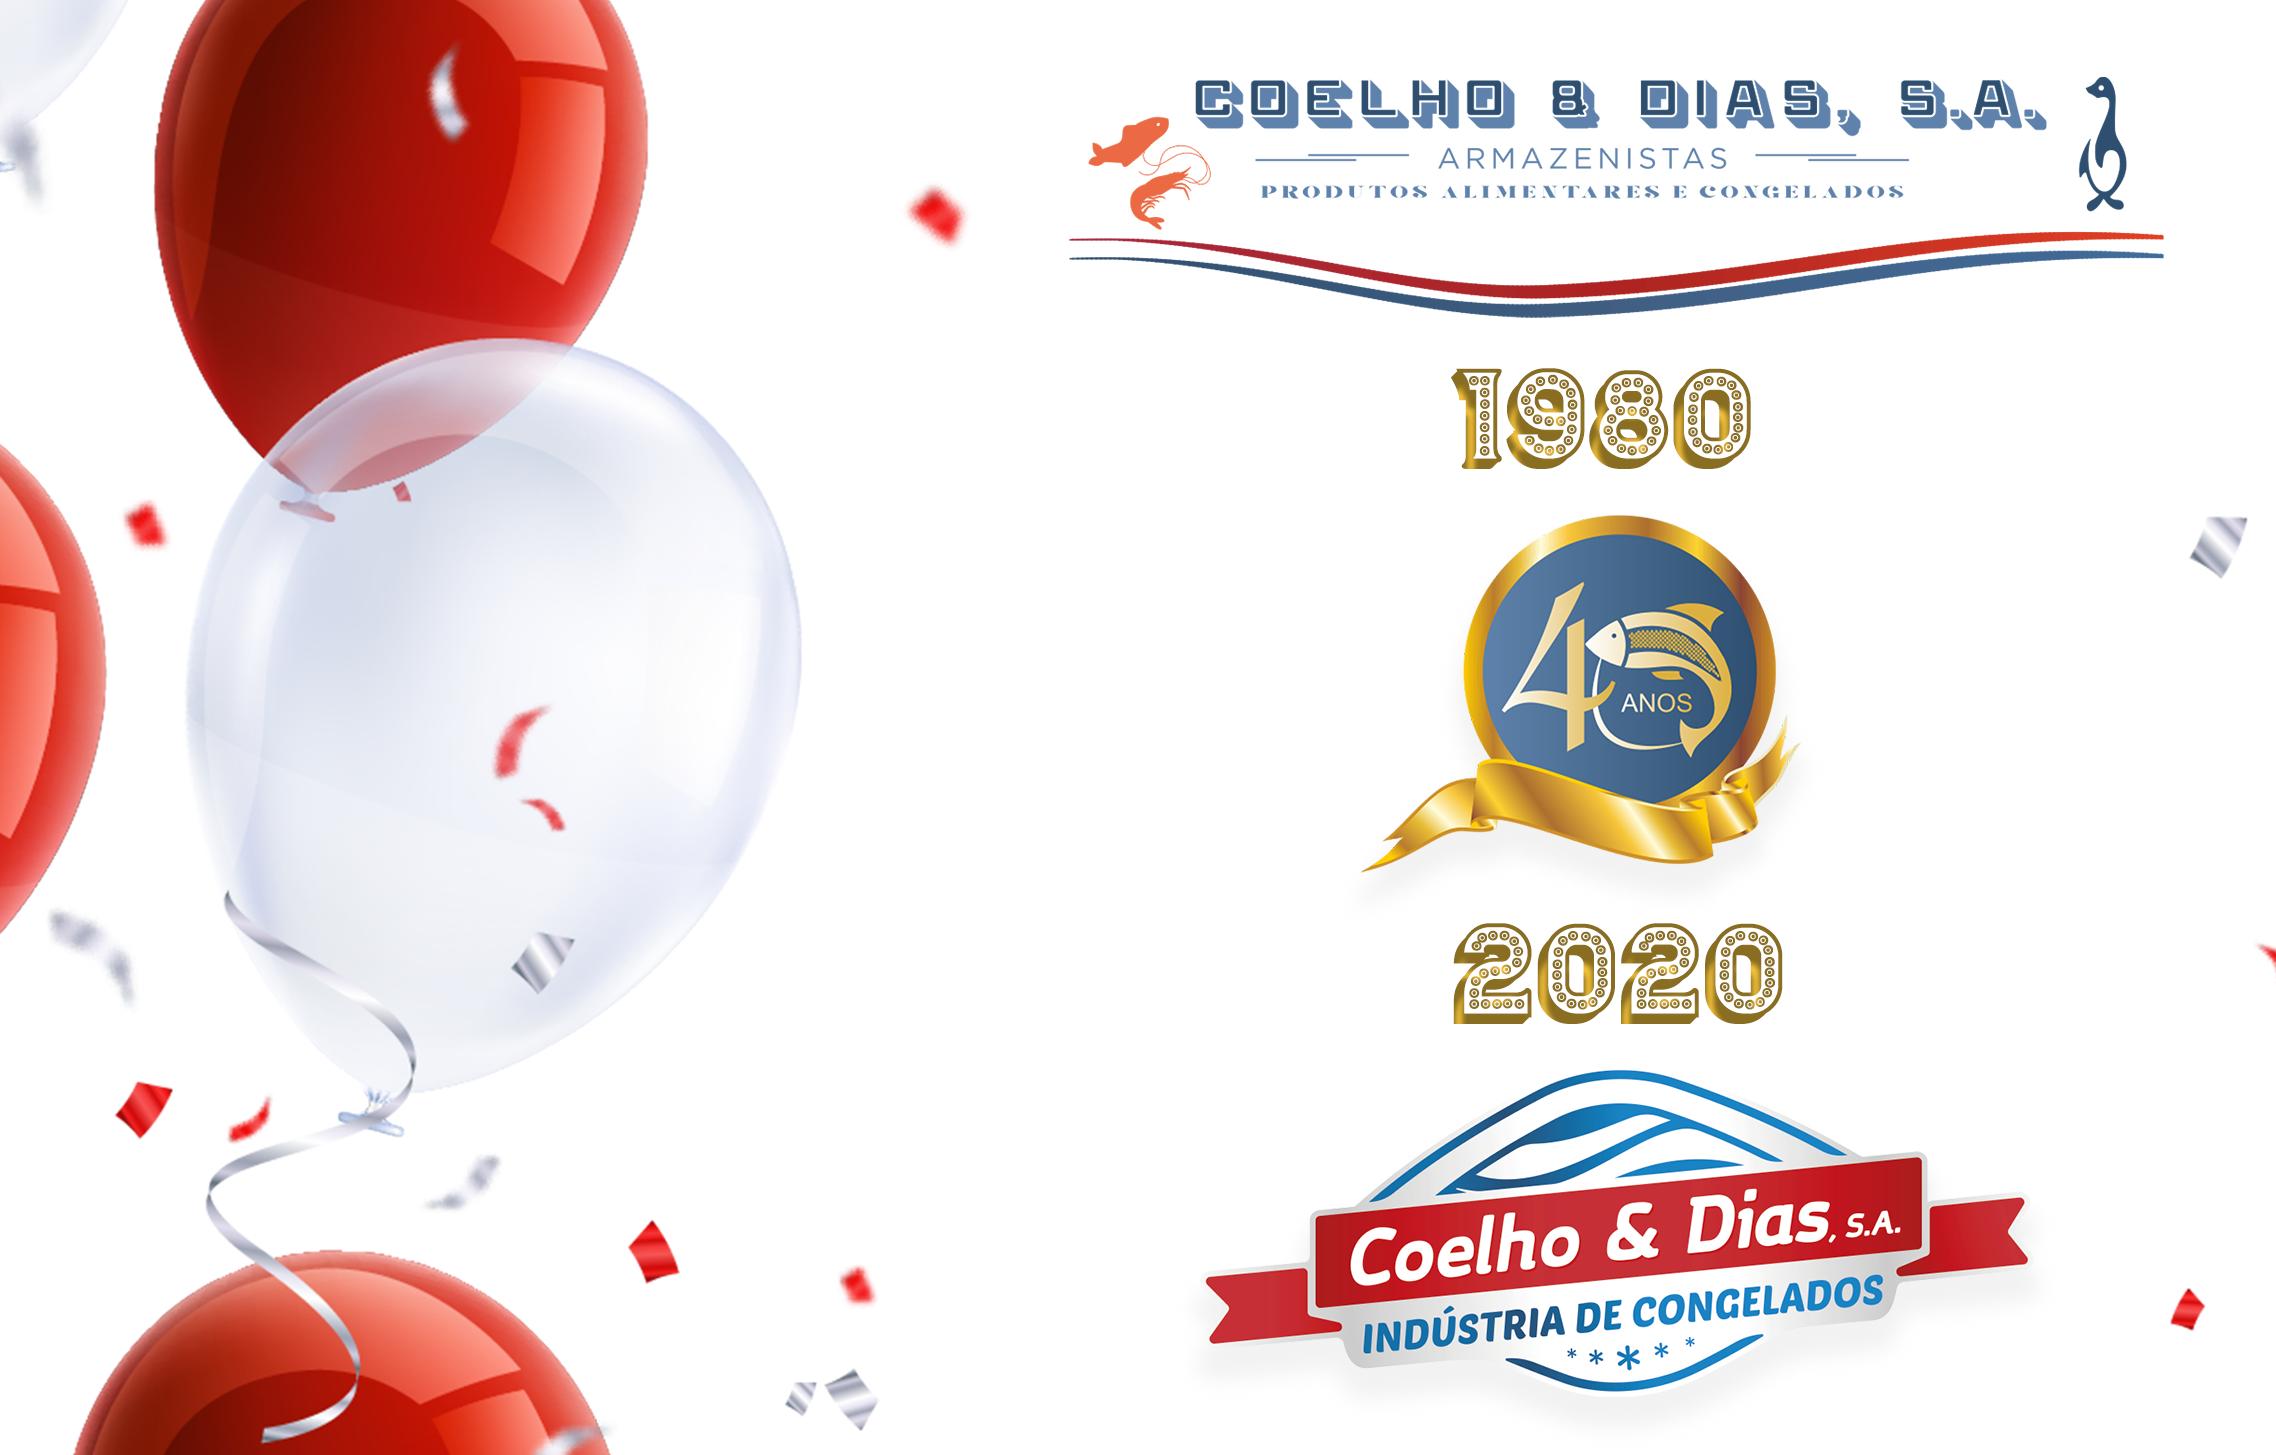 ANIVERSÁRIO 40 ANOS COELHO E DIAS